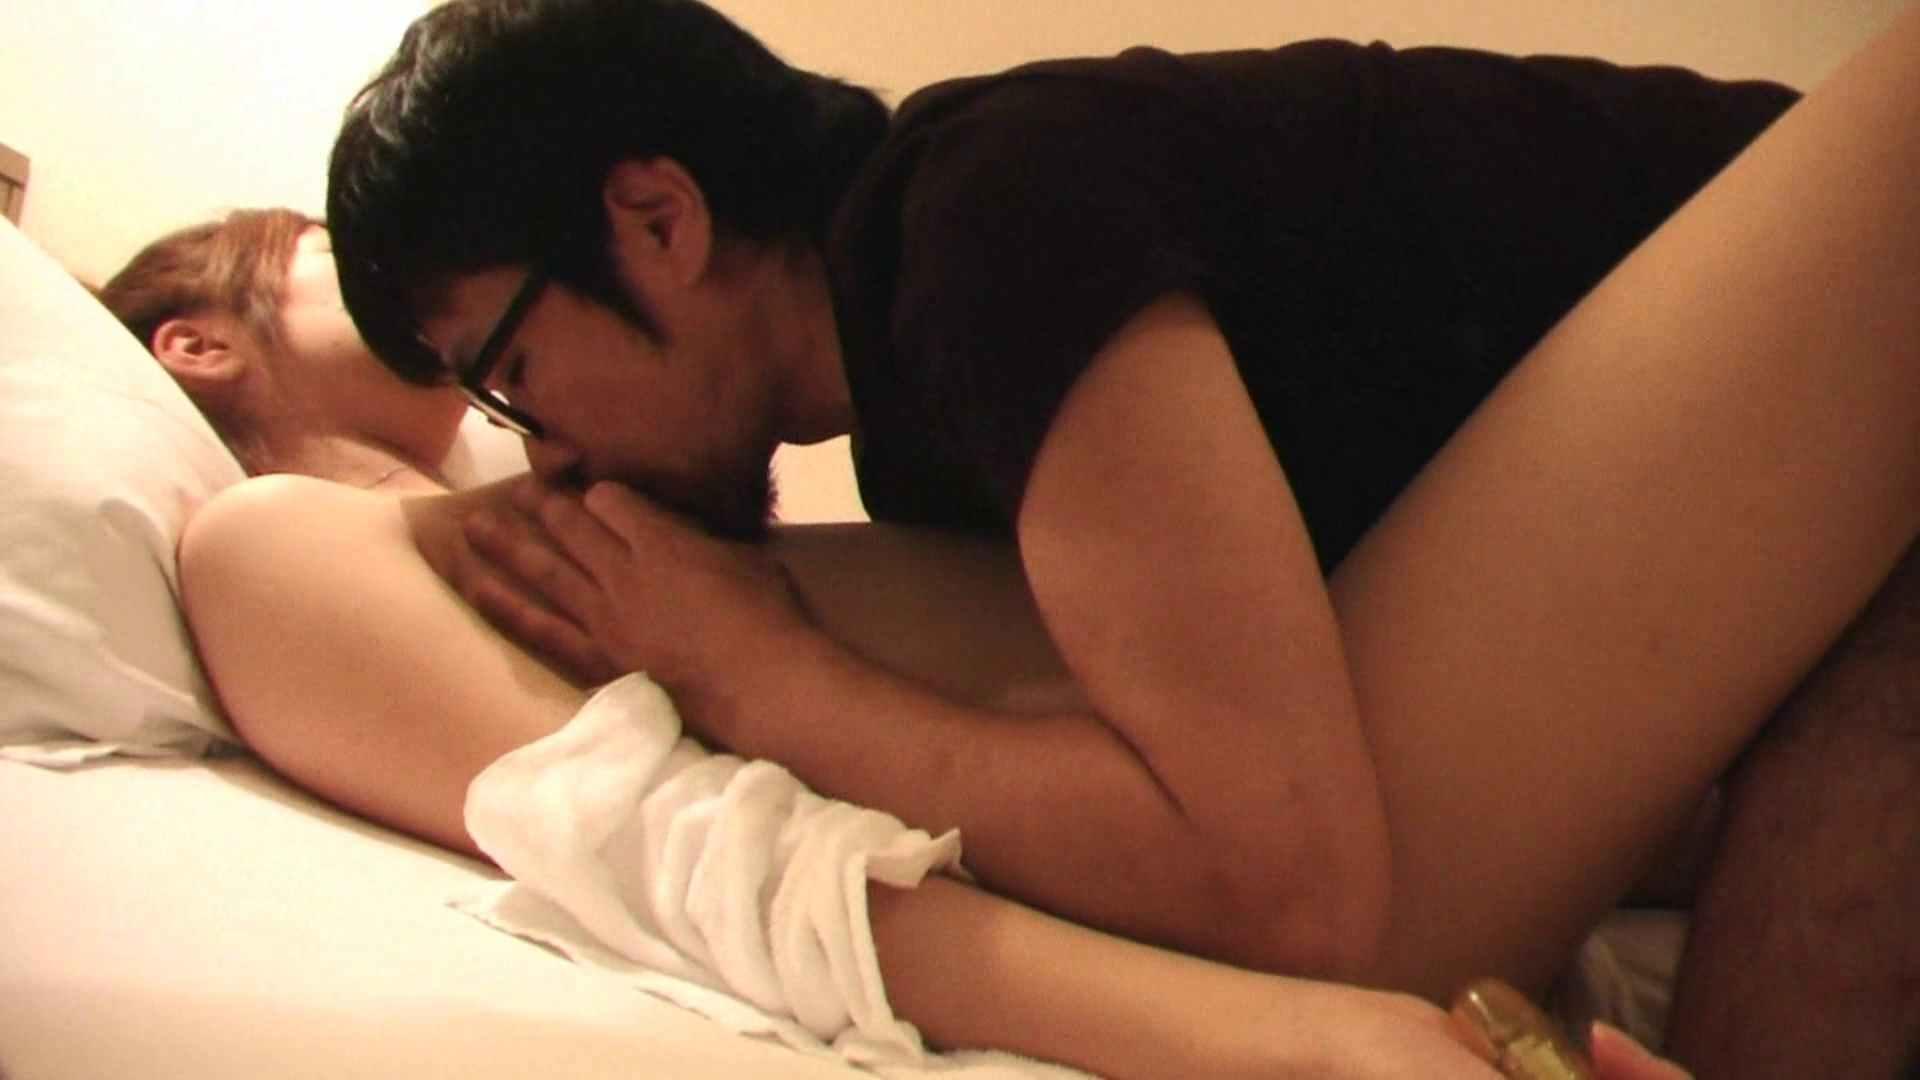 投稿素人 若妻妊婦19歳みさと 人妻のエロ生活 AV無料動画キャプチャ 43連発 26